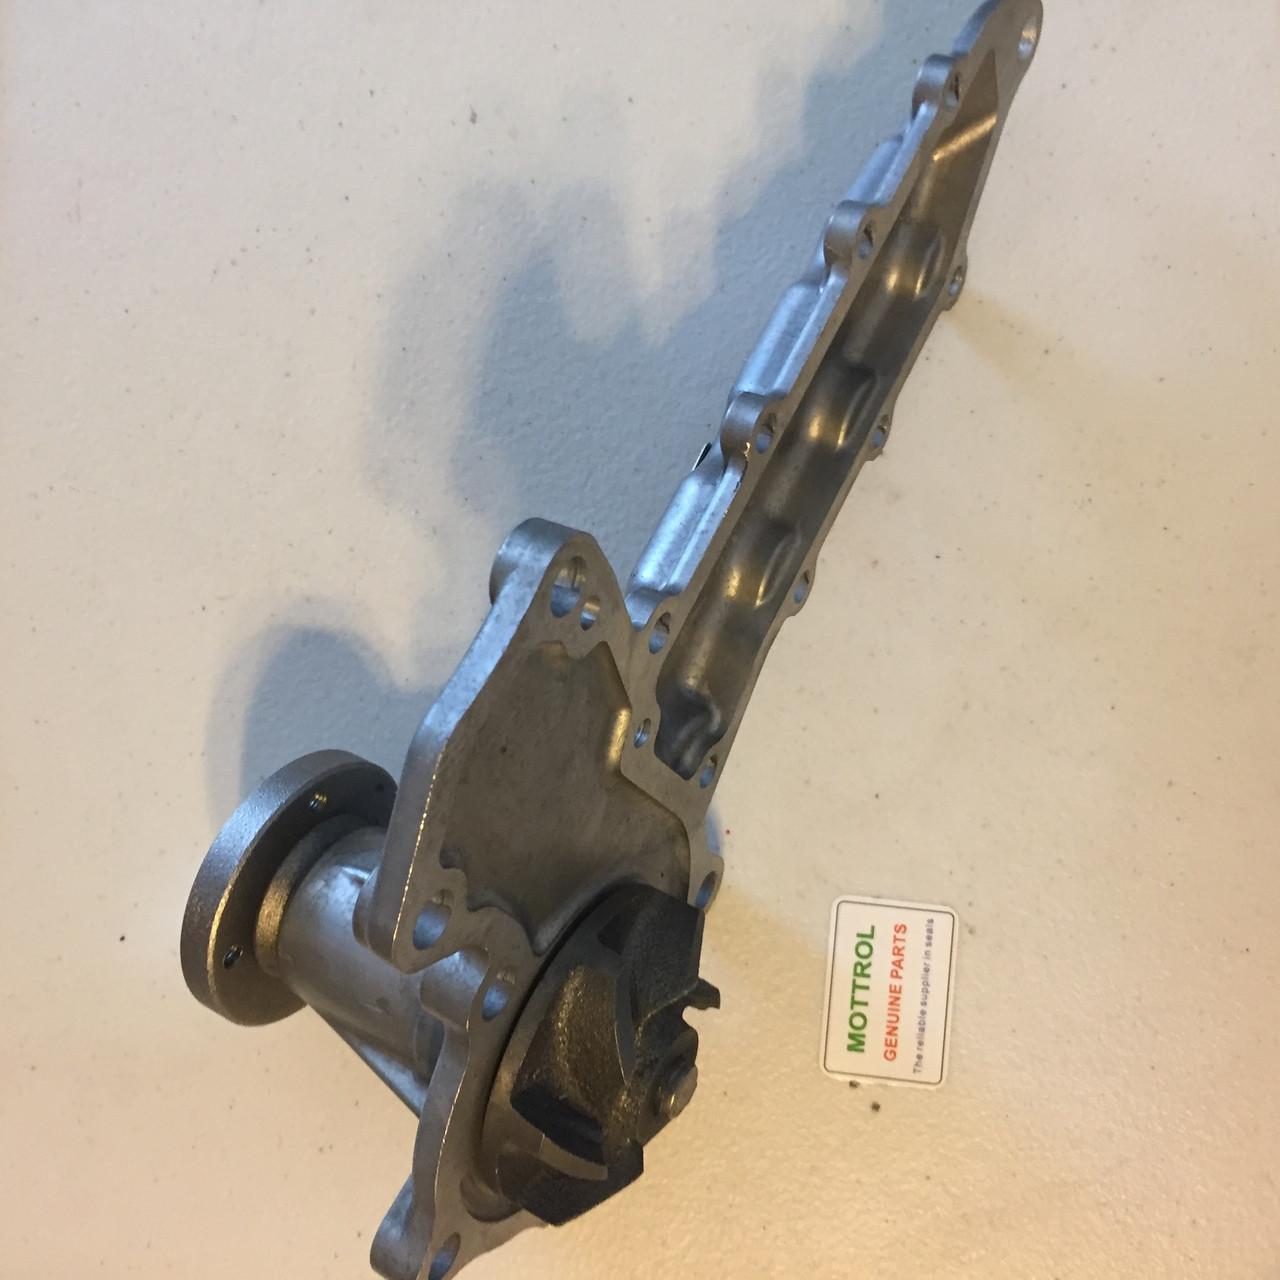 15521 73039 water pump fits bobcat skid steer loader 743b 753g 763 kubota v2403 [ 1280 x 1280 Pixel ]